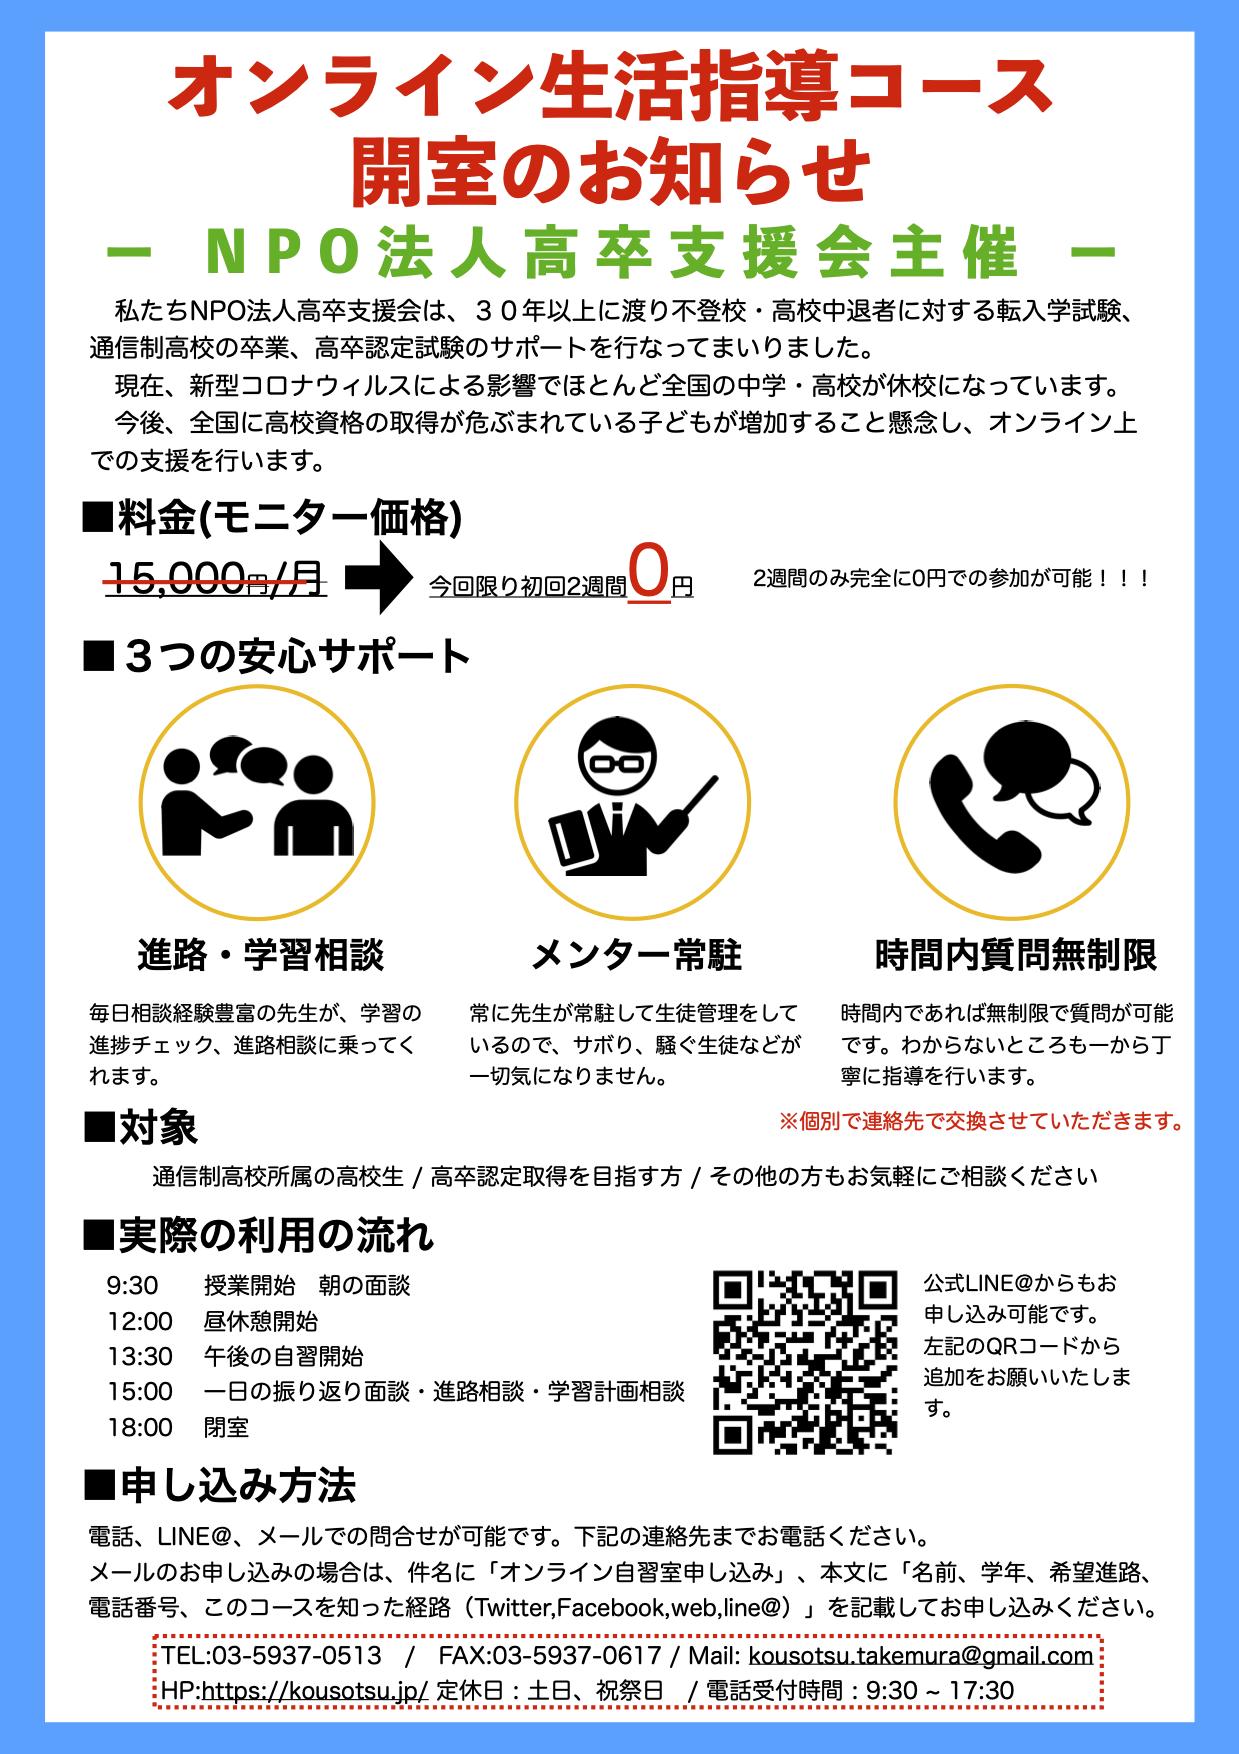 オンライン生活指導コースのお知らせ